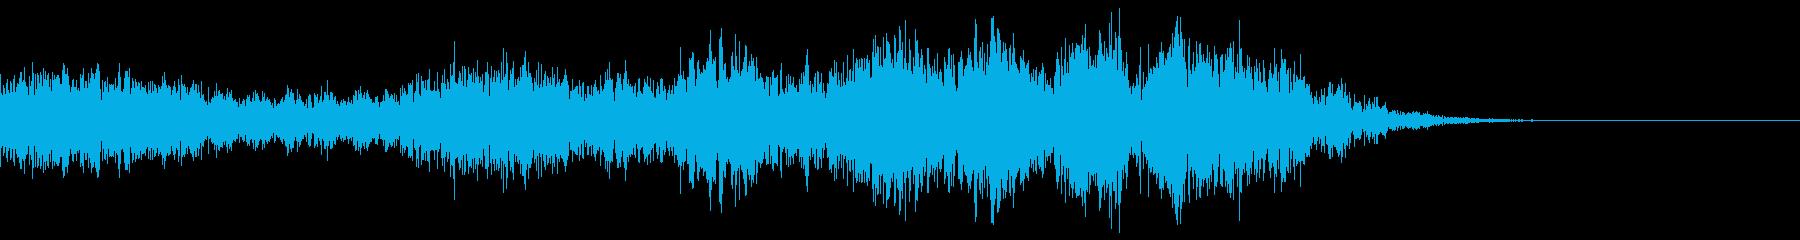 アイキャッチ サイバー 疾走感の再生済みの波形